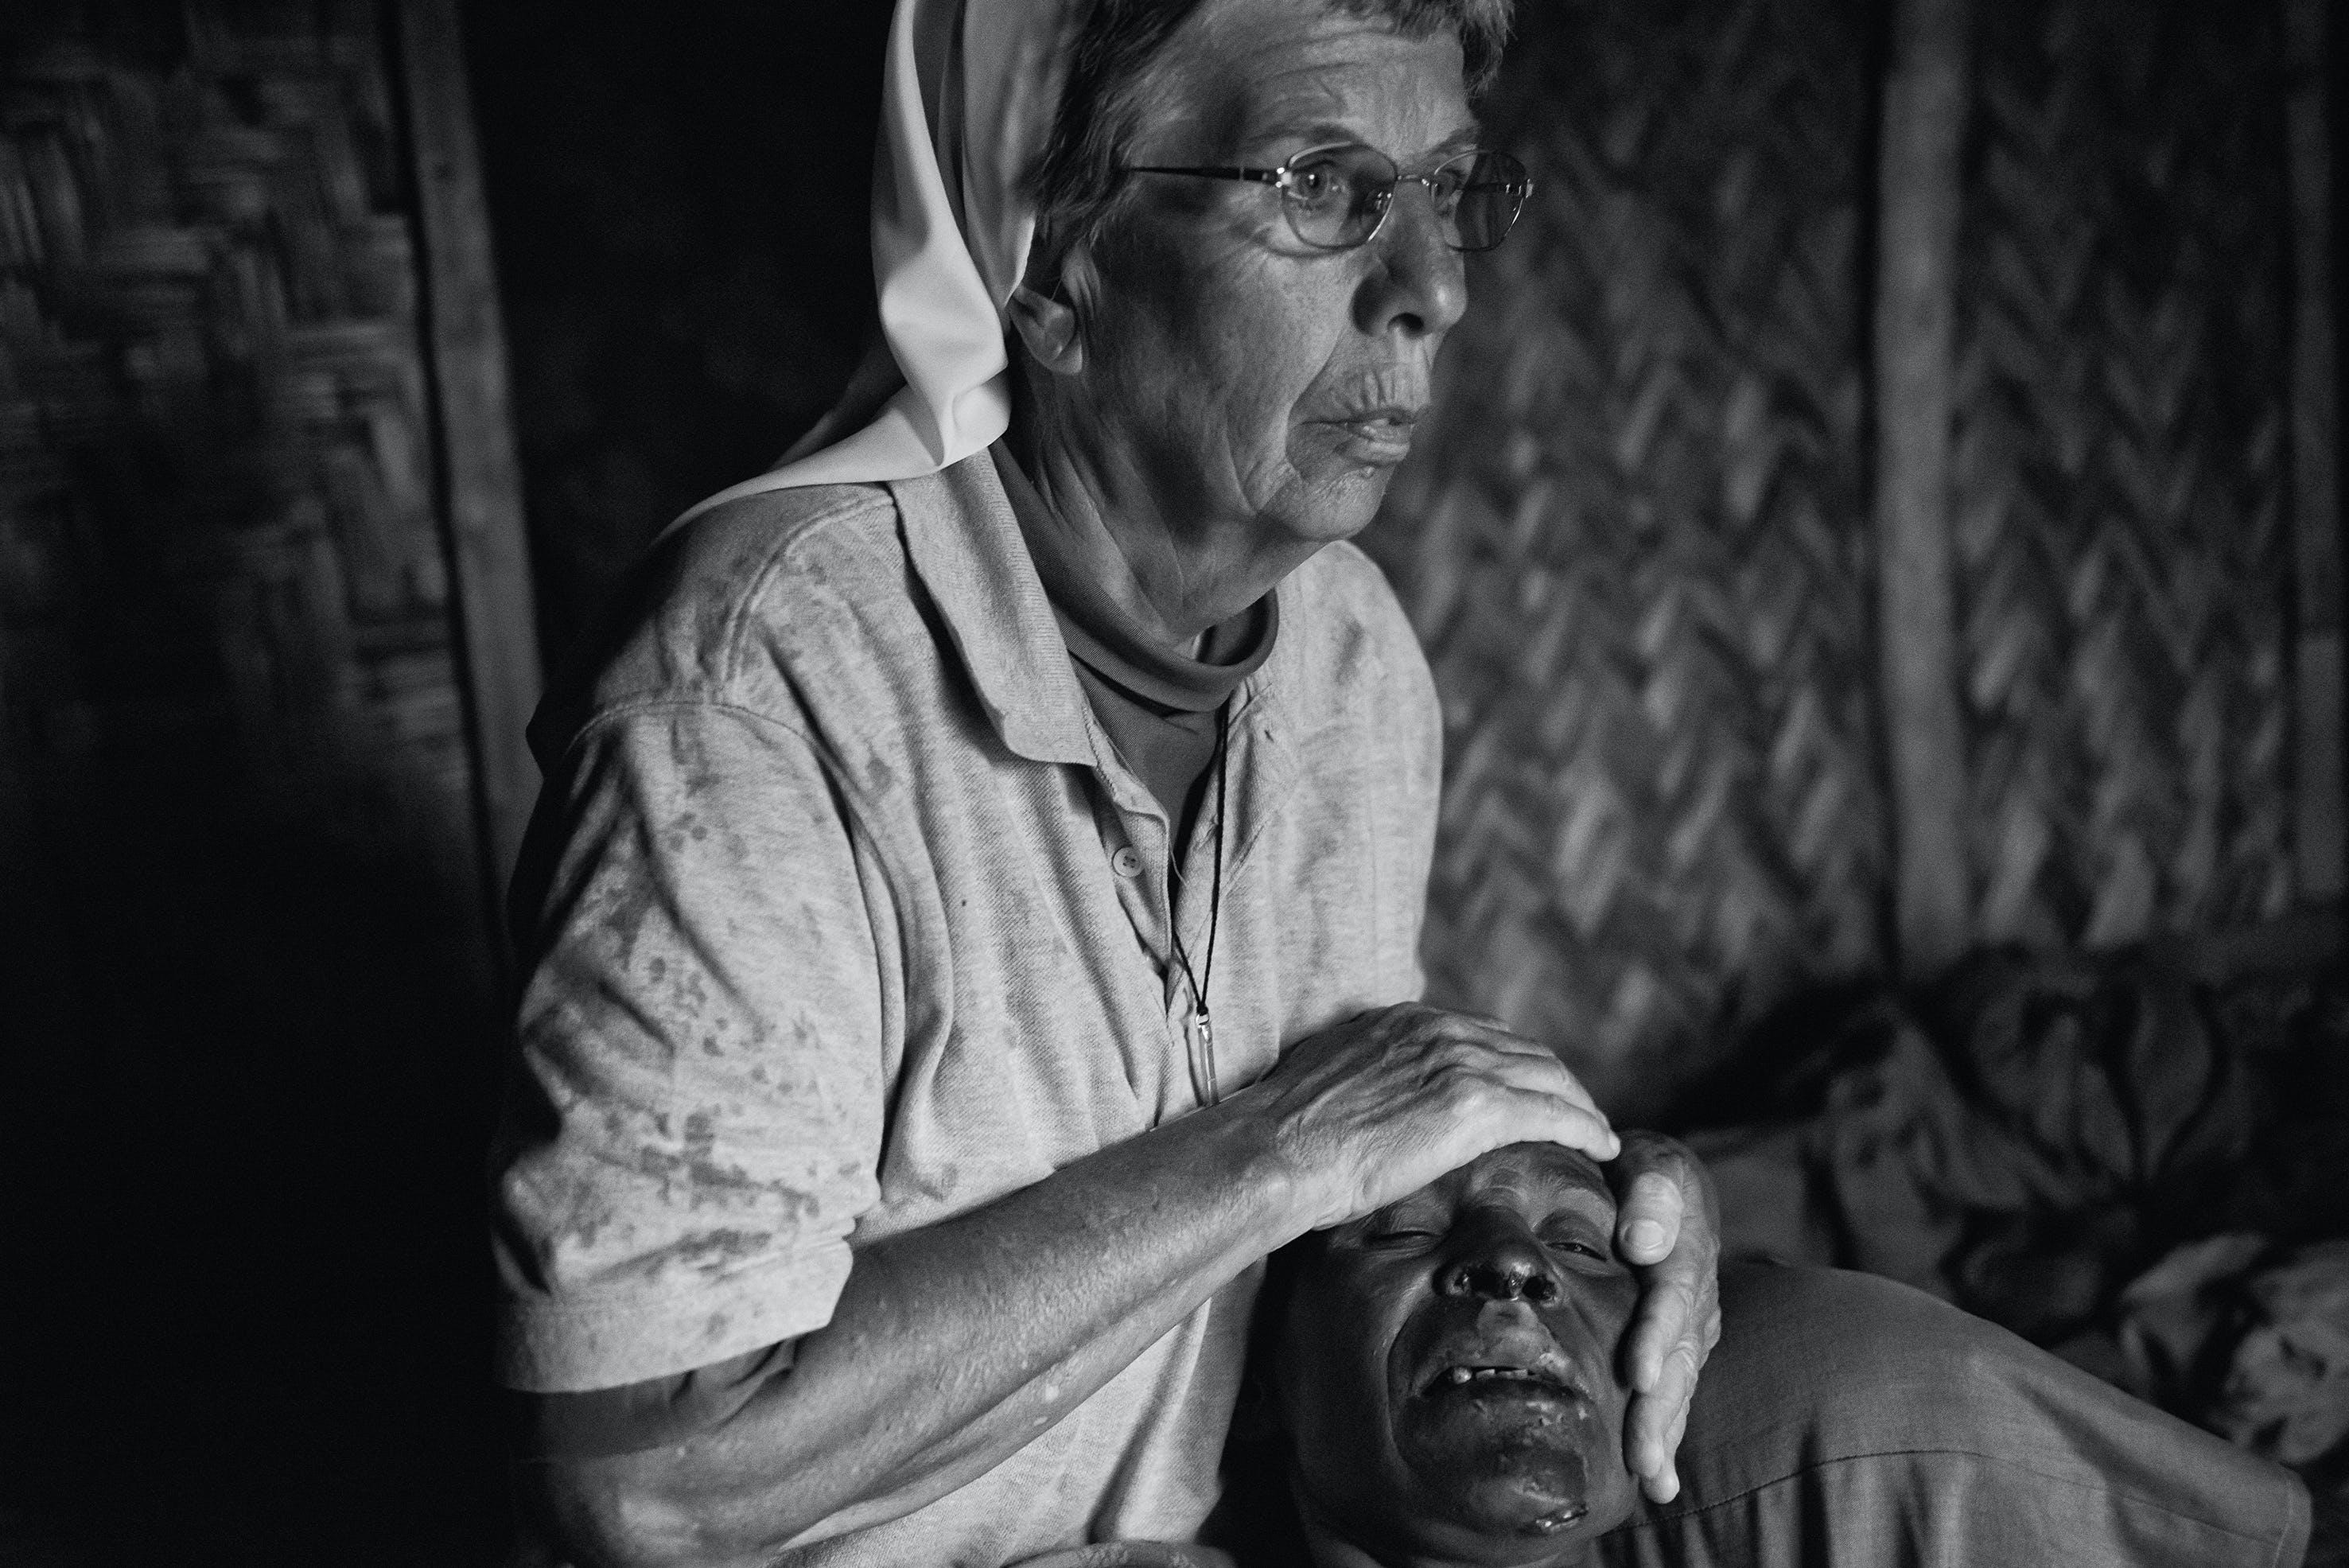 Teno wurde drei Tage gefoltert, ihr Körper mit glühenden Eisenstangen verbrannt.